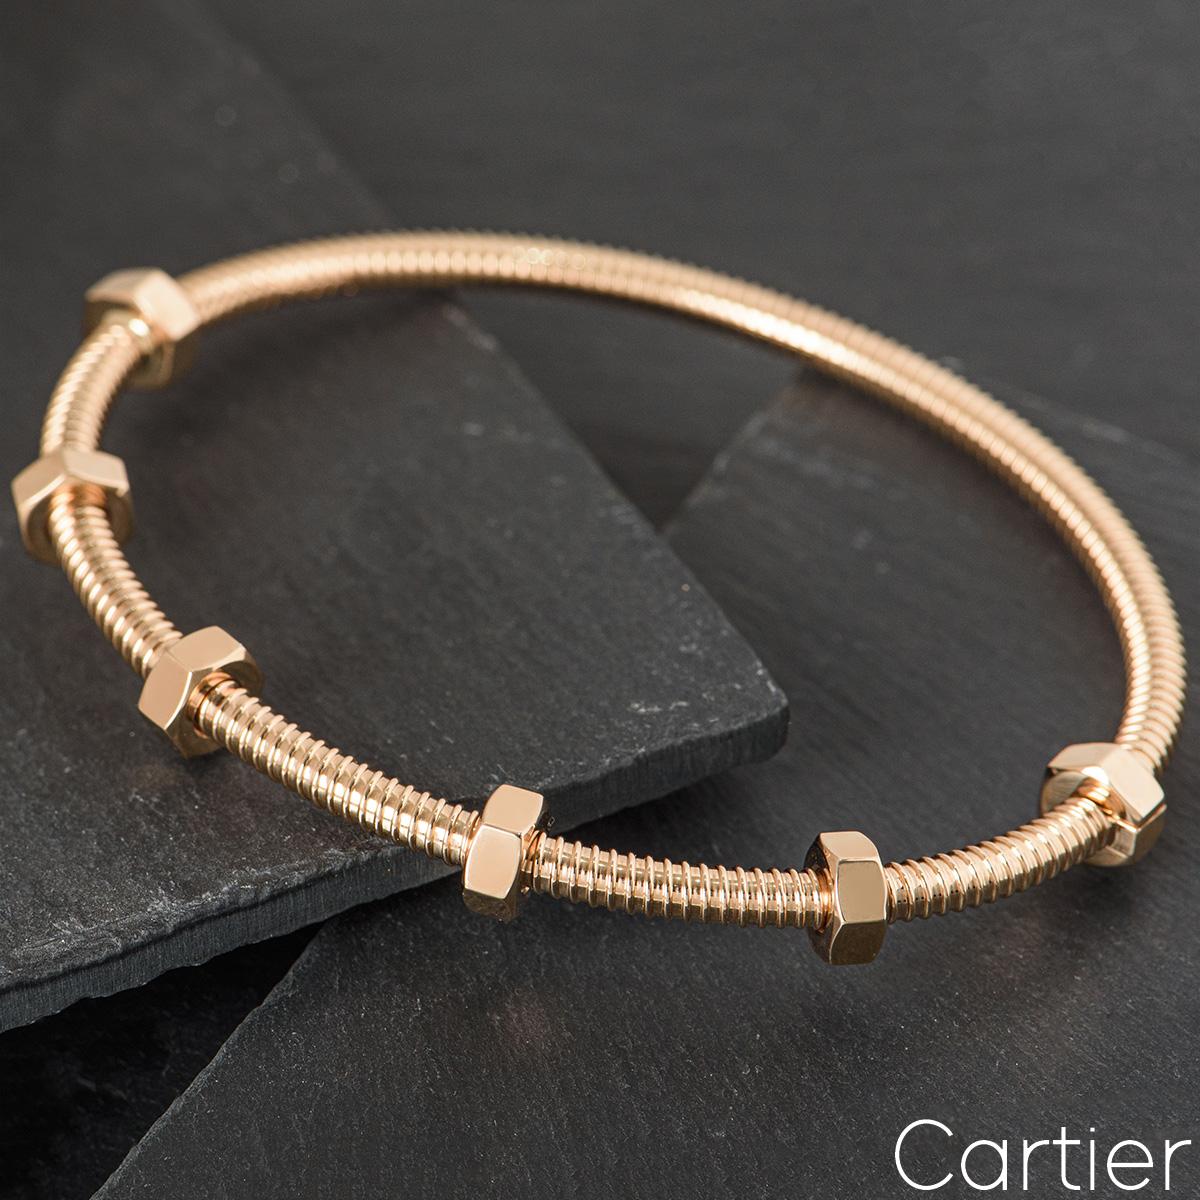 Cartier Rose Gold Ecrou De Cartier Bracelet Size 18 B6049518